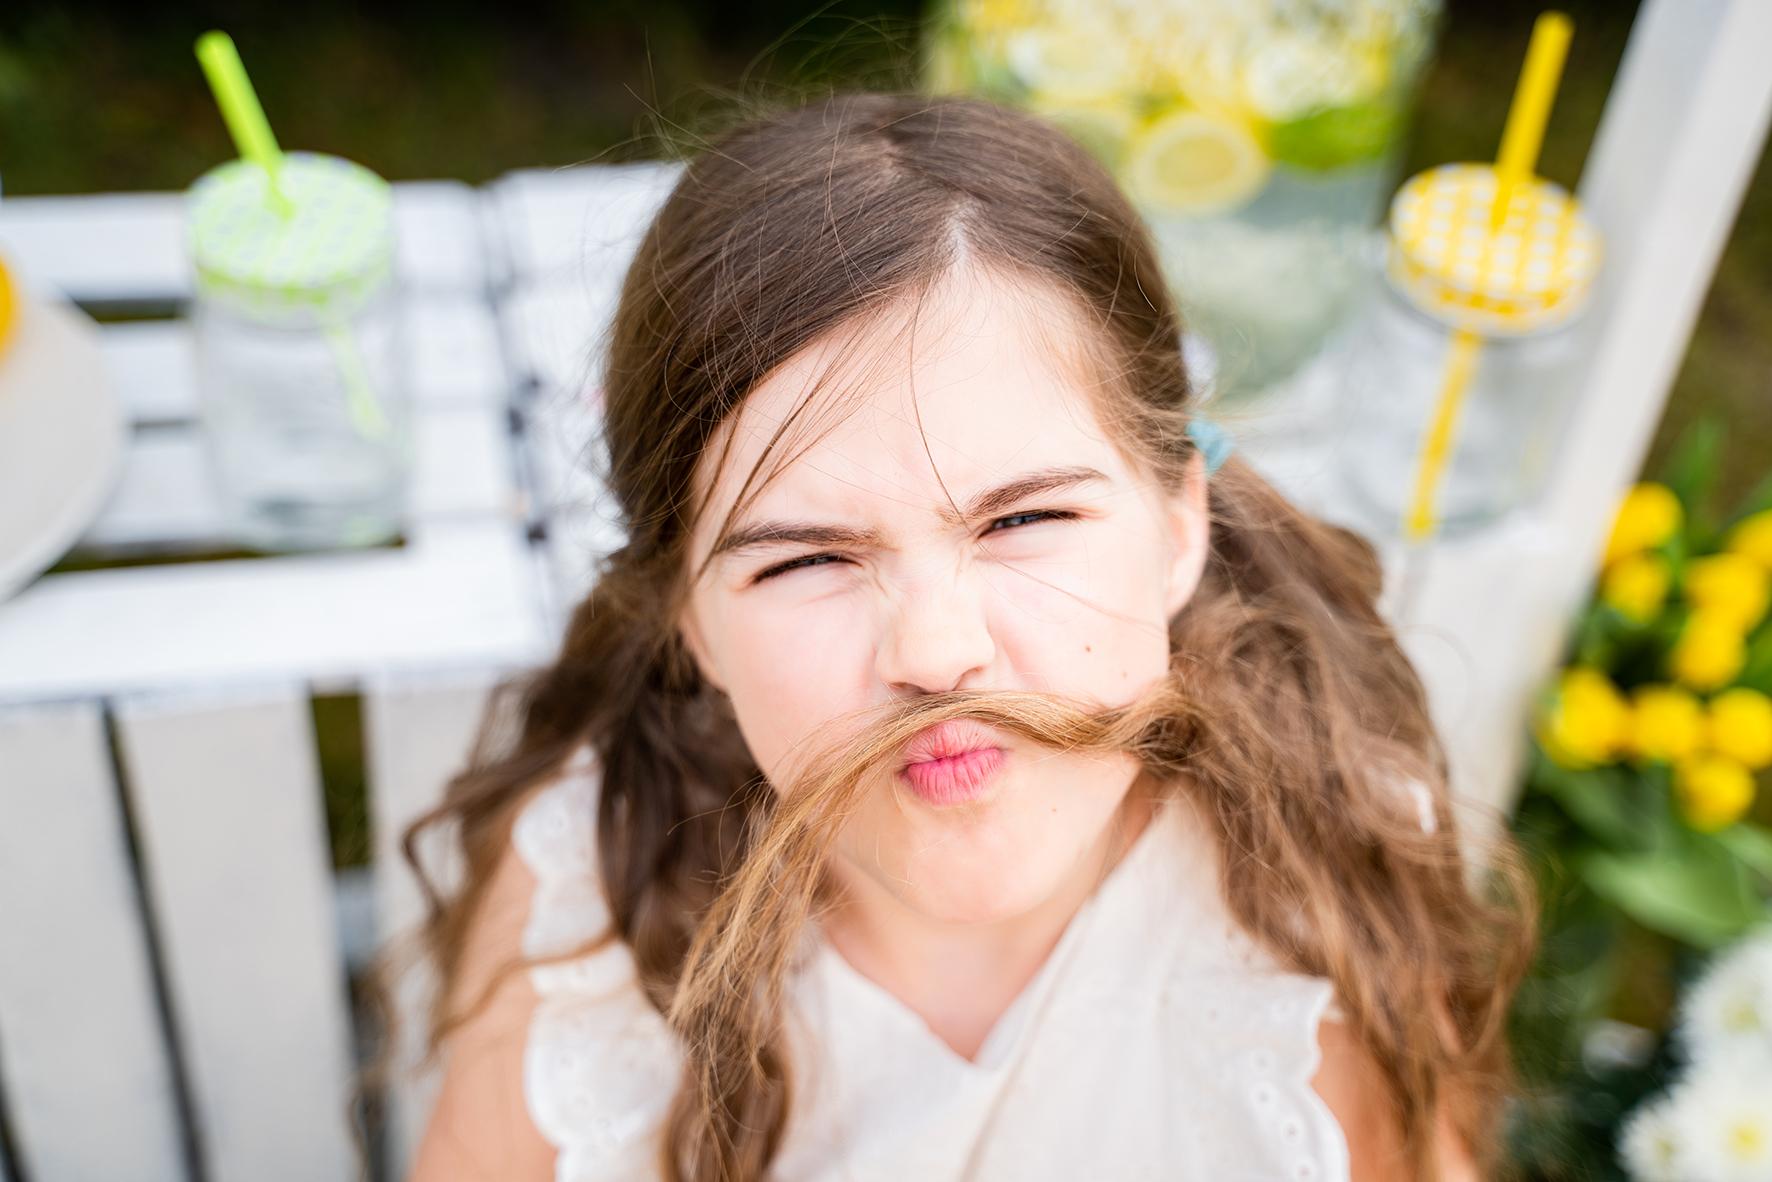 Fotoshooting Teenie Familienfotograf Fotografin Bremen Kindershooting